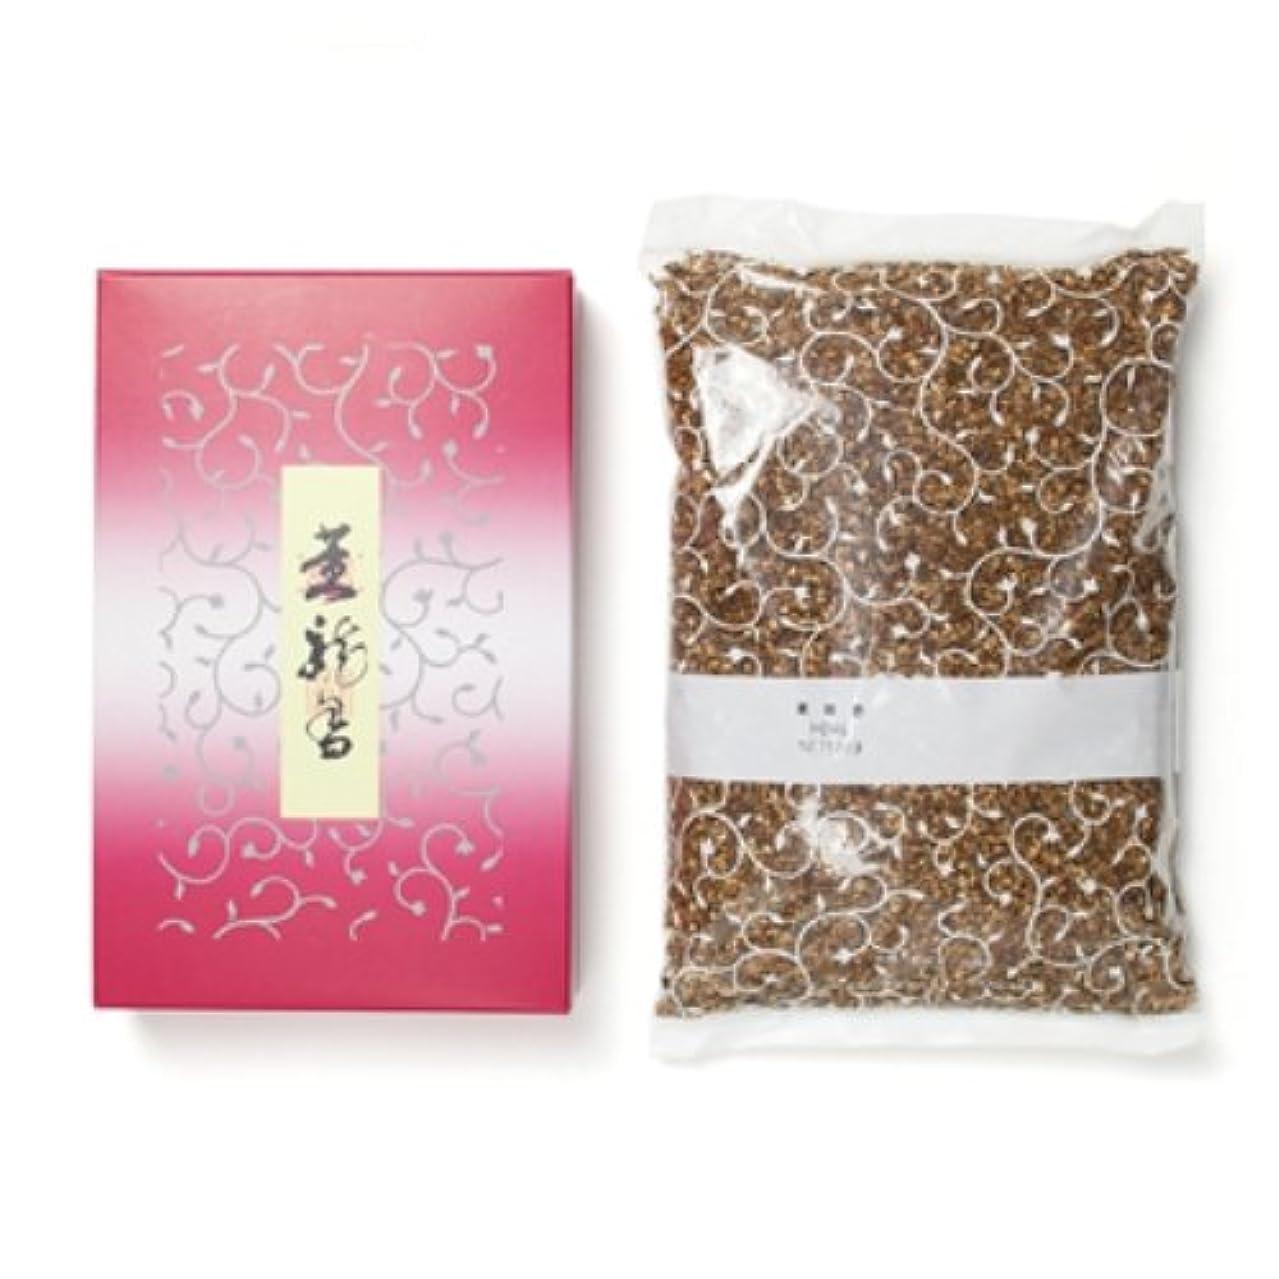 雰囲気征服する農業の松栄堂のお焼香 薫竜香 500g詰 紙箱入 #410211